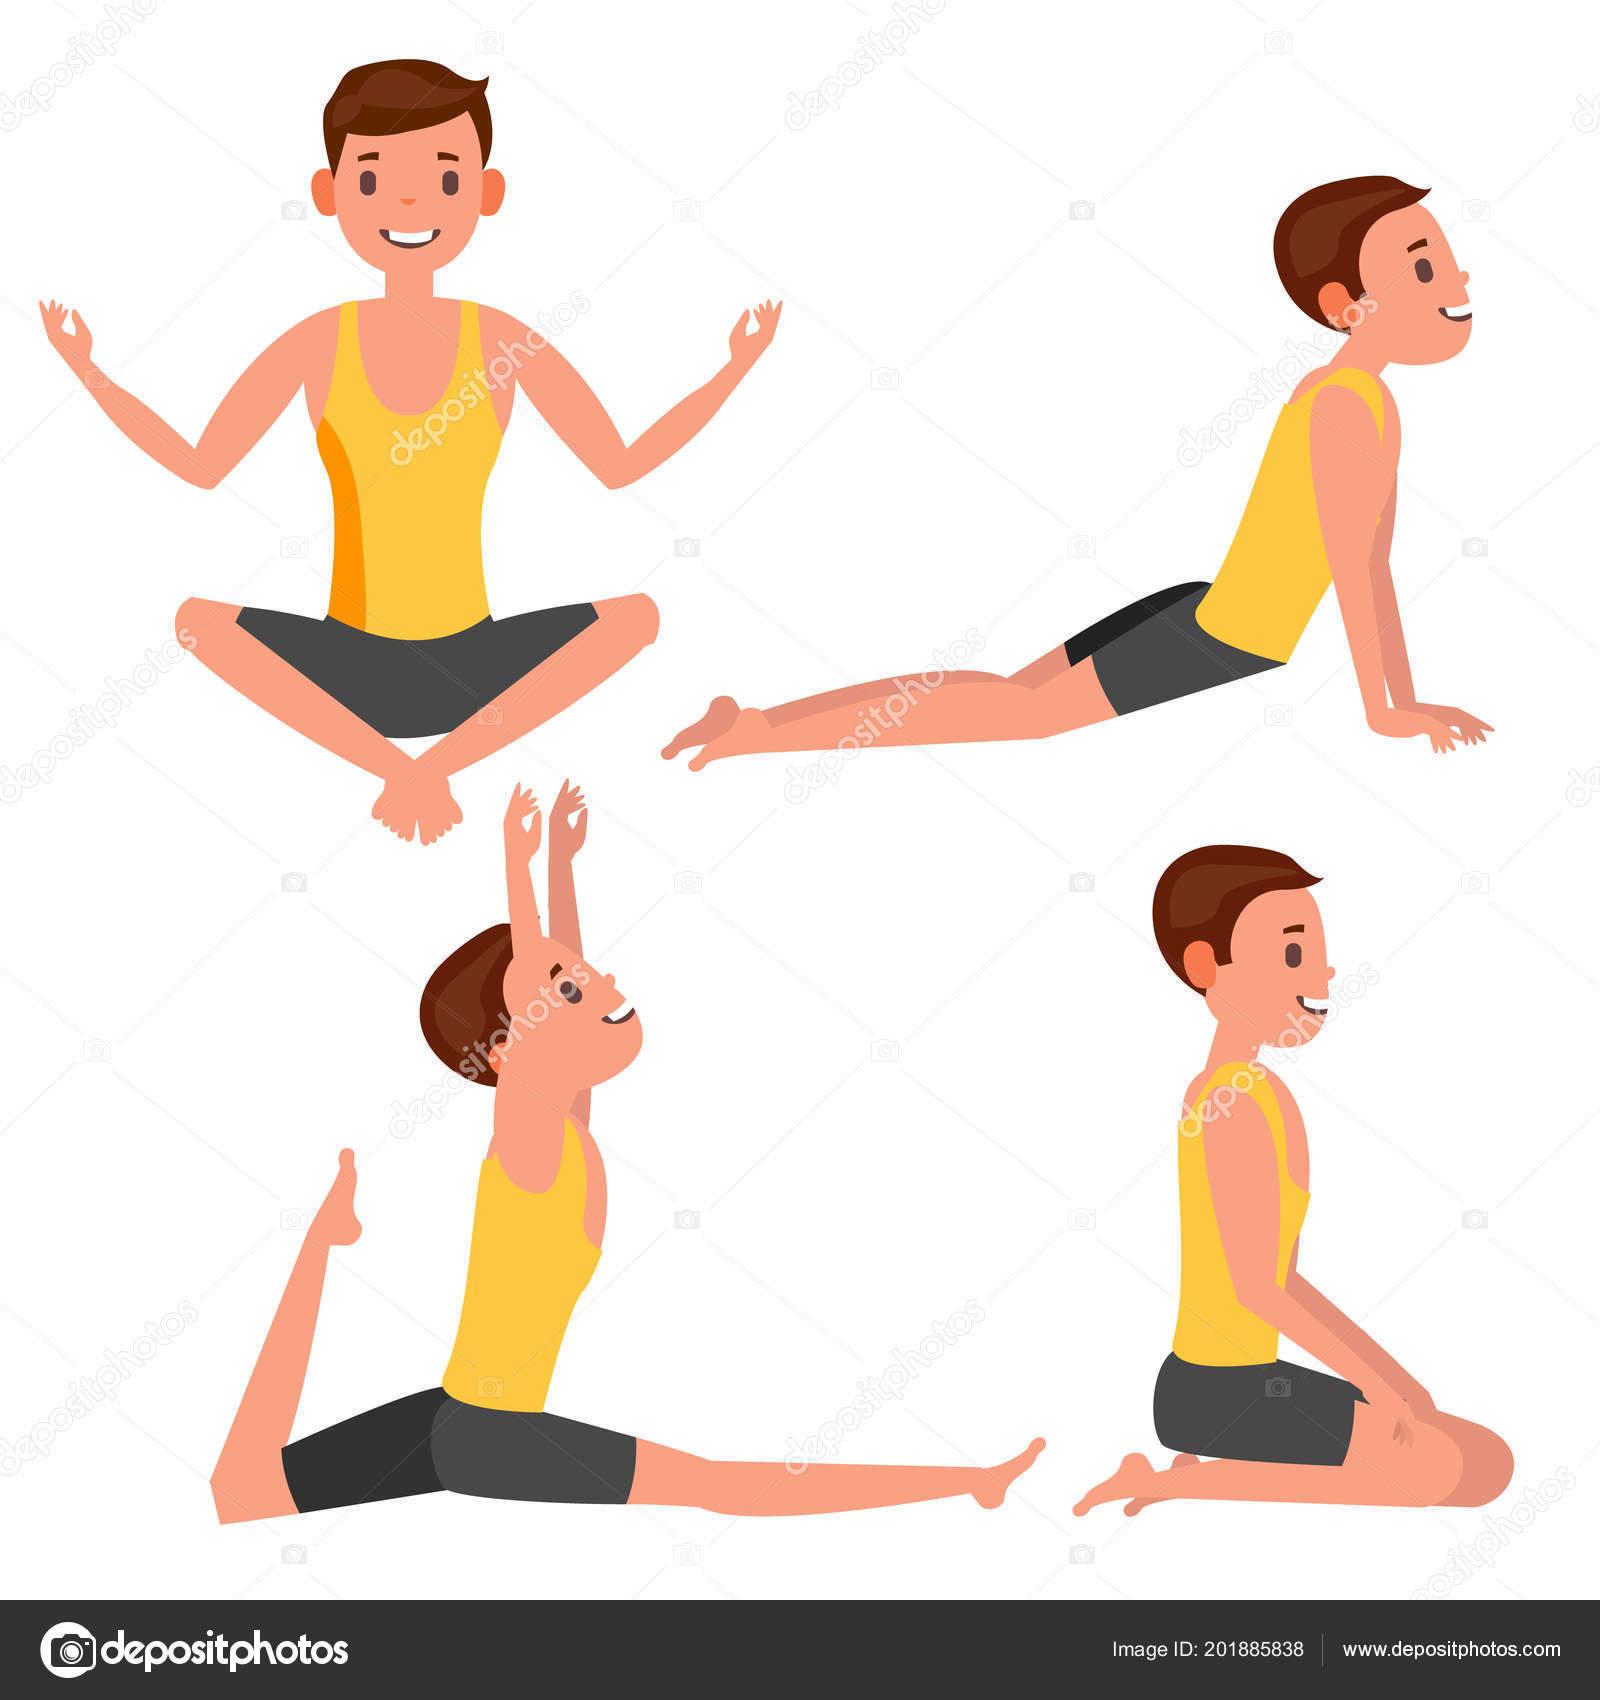 Yoga hombre plantea establecer Vector. Chica. Posturas de yoga. Haciendo  ejercicios de Yoga. Ilustración de dibujos animados plana — Vector de  pikepicture 7c8de008c9ef